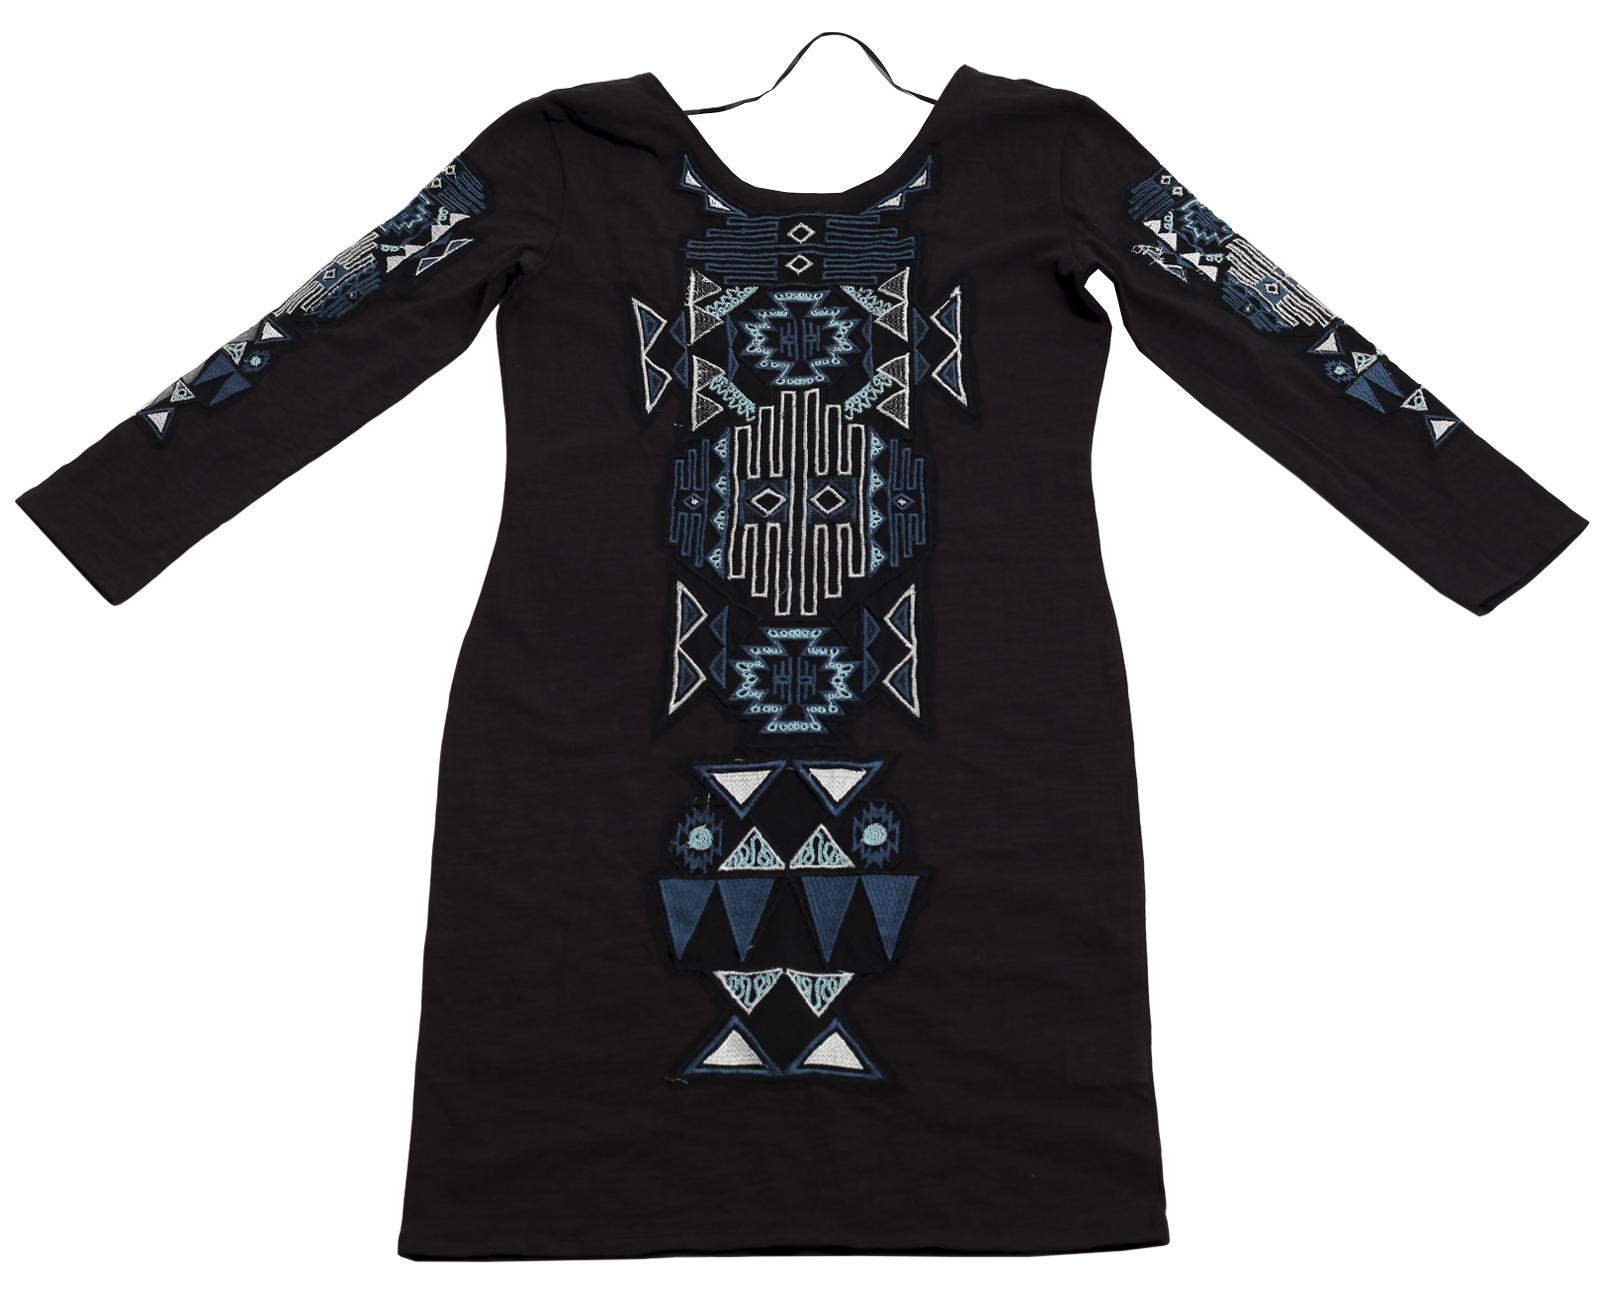 Стильное нарядное платье первоклассного качества с этно-мексиканским орнаментом